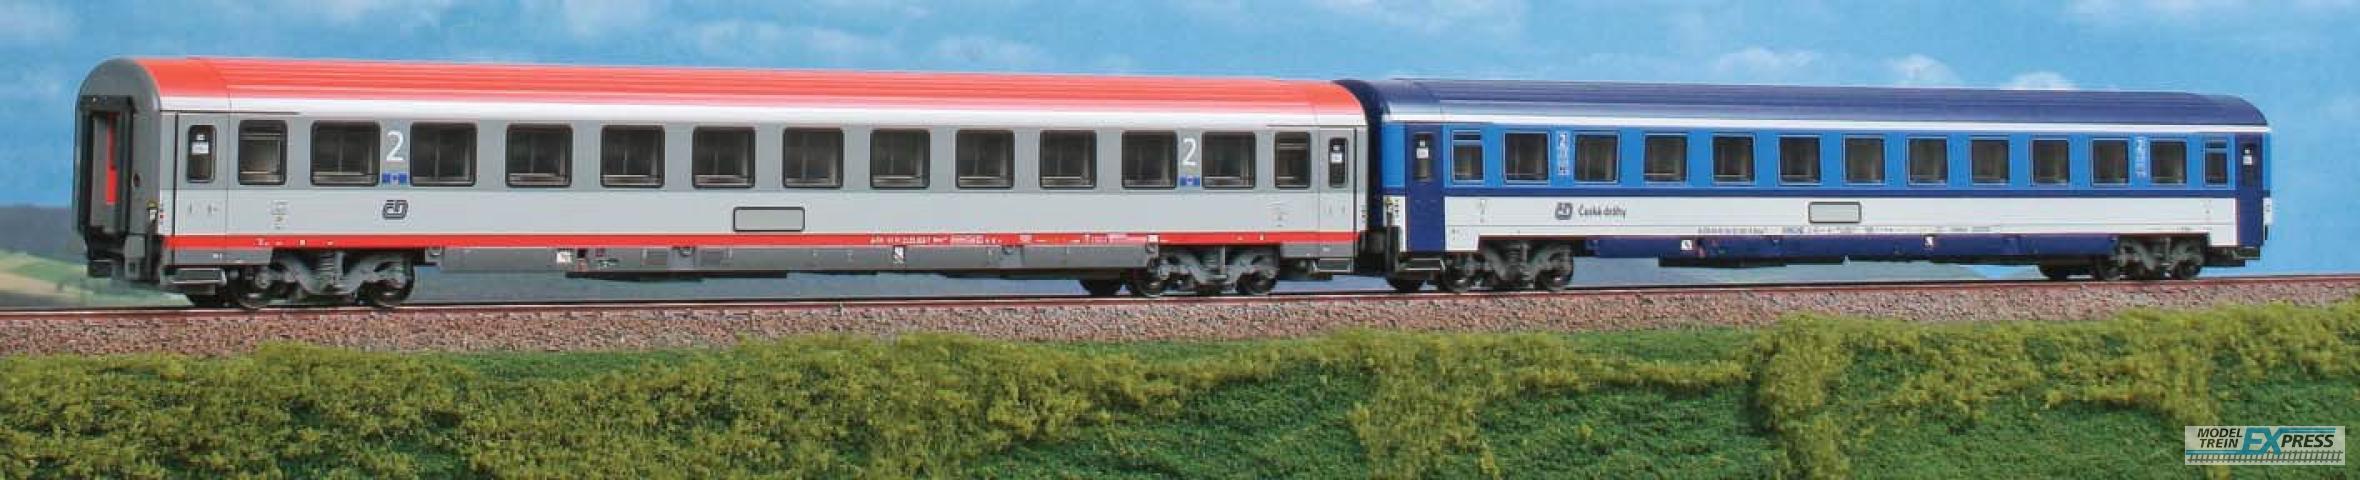 ACME 55172